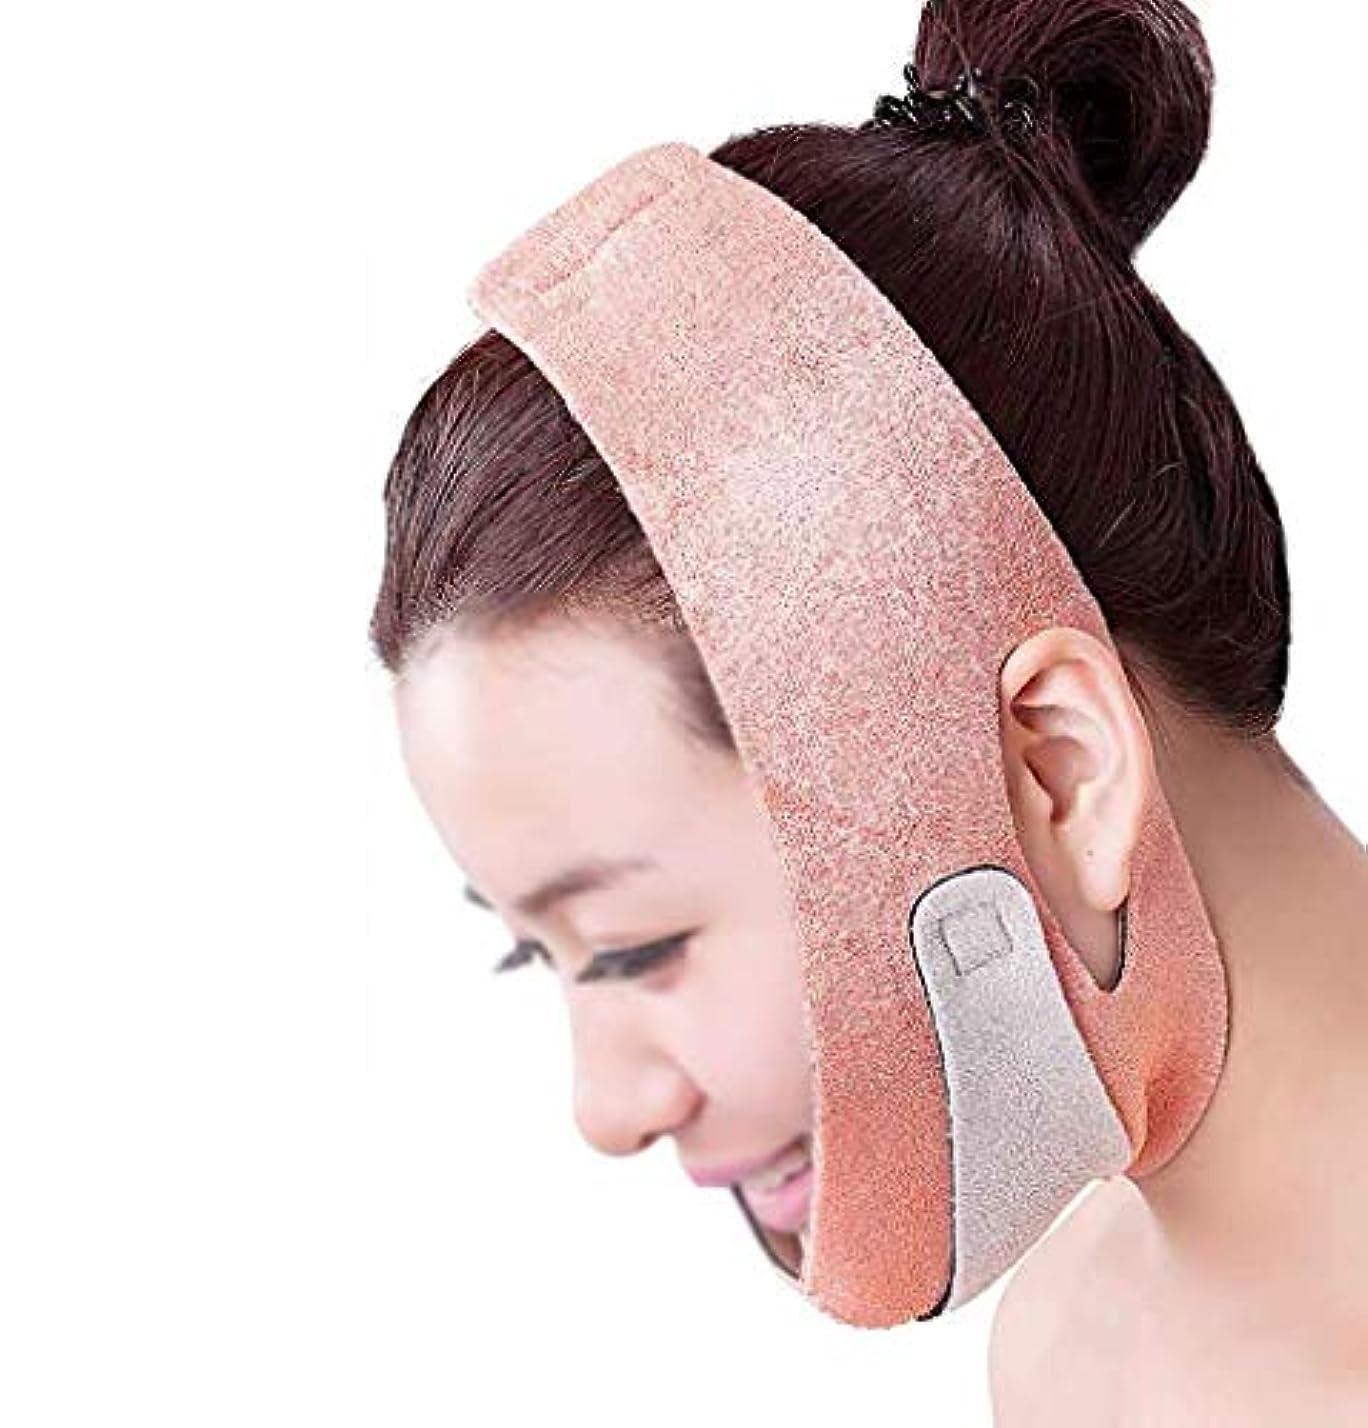 できた浴室人里離れたHEMFV 薄い顔の包帯、ベルトフェイスマッサージツールは、二重あごをなくすリフティングVラインフェイスシェイプチンチークリフトアップアンチリンクルを作成します。 (Color : Pink)